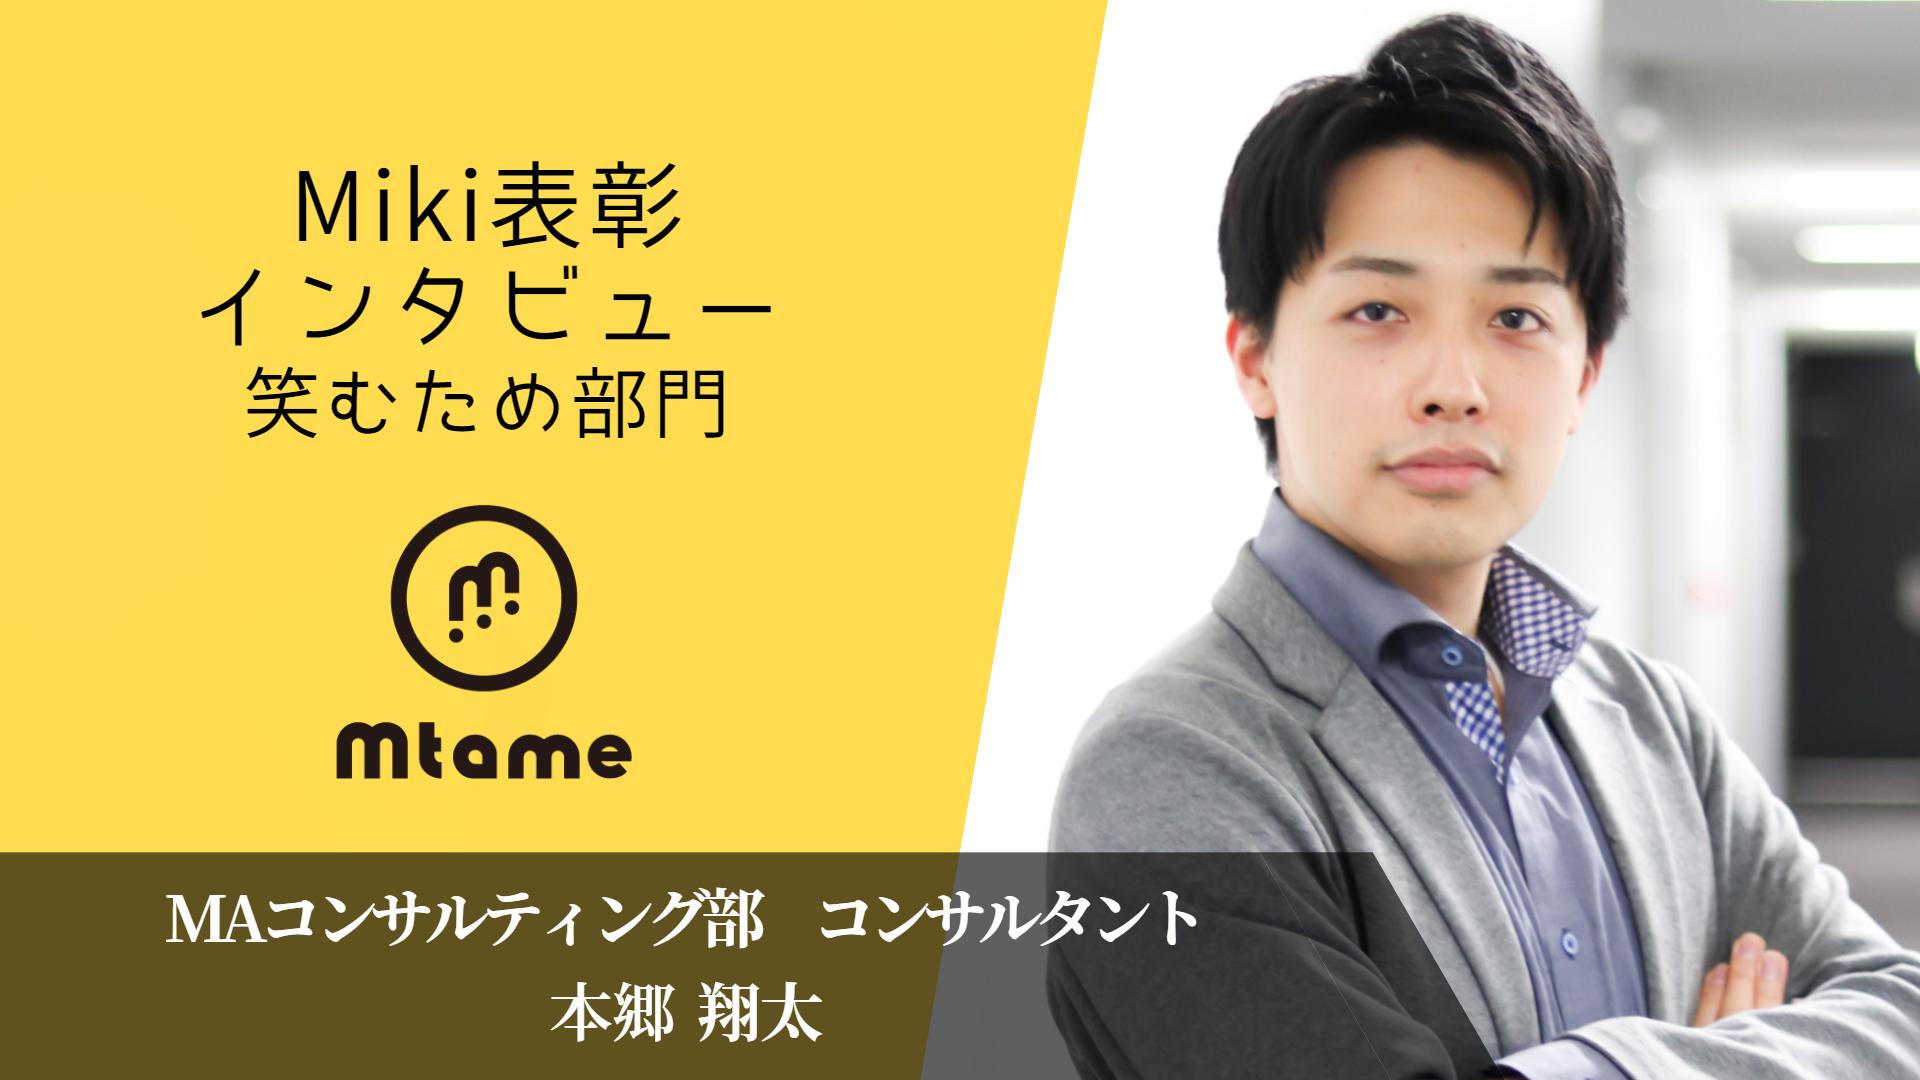 「成功への道を見せ、成果につなげる」本郷 翔太